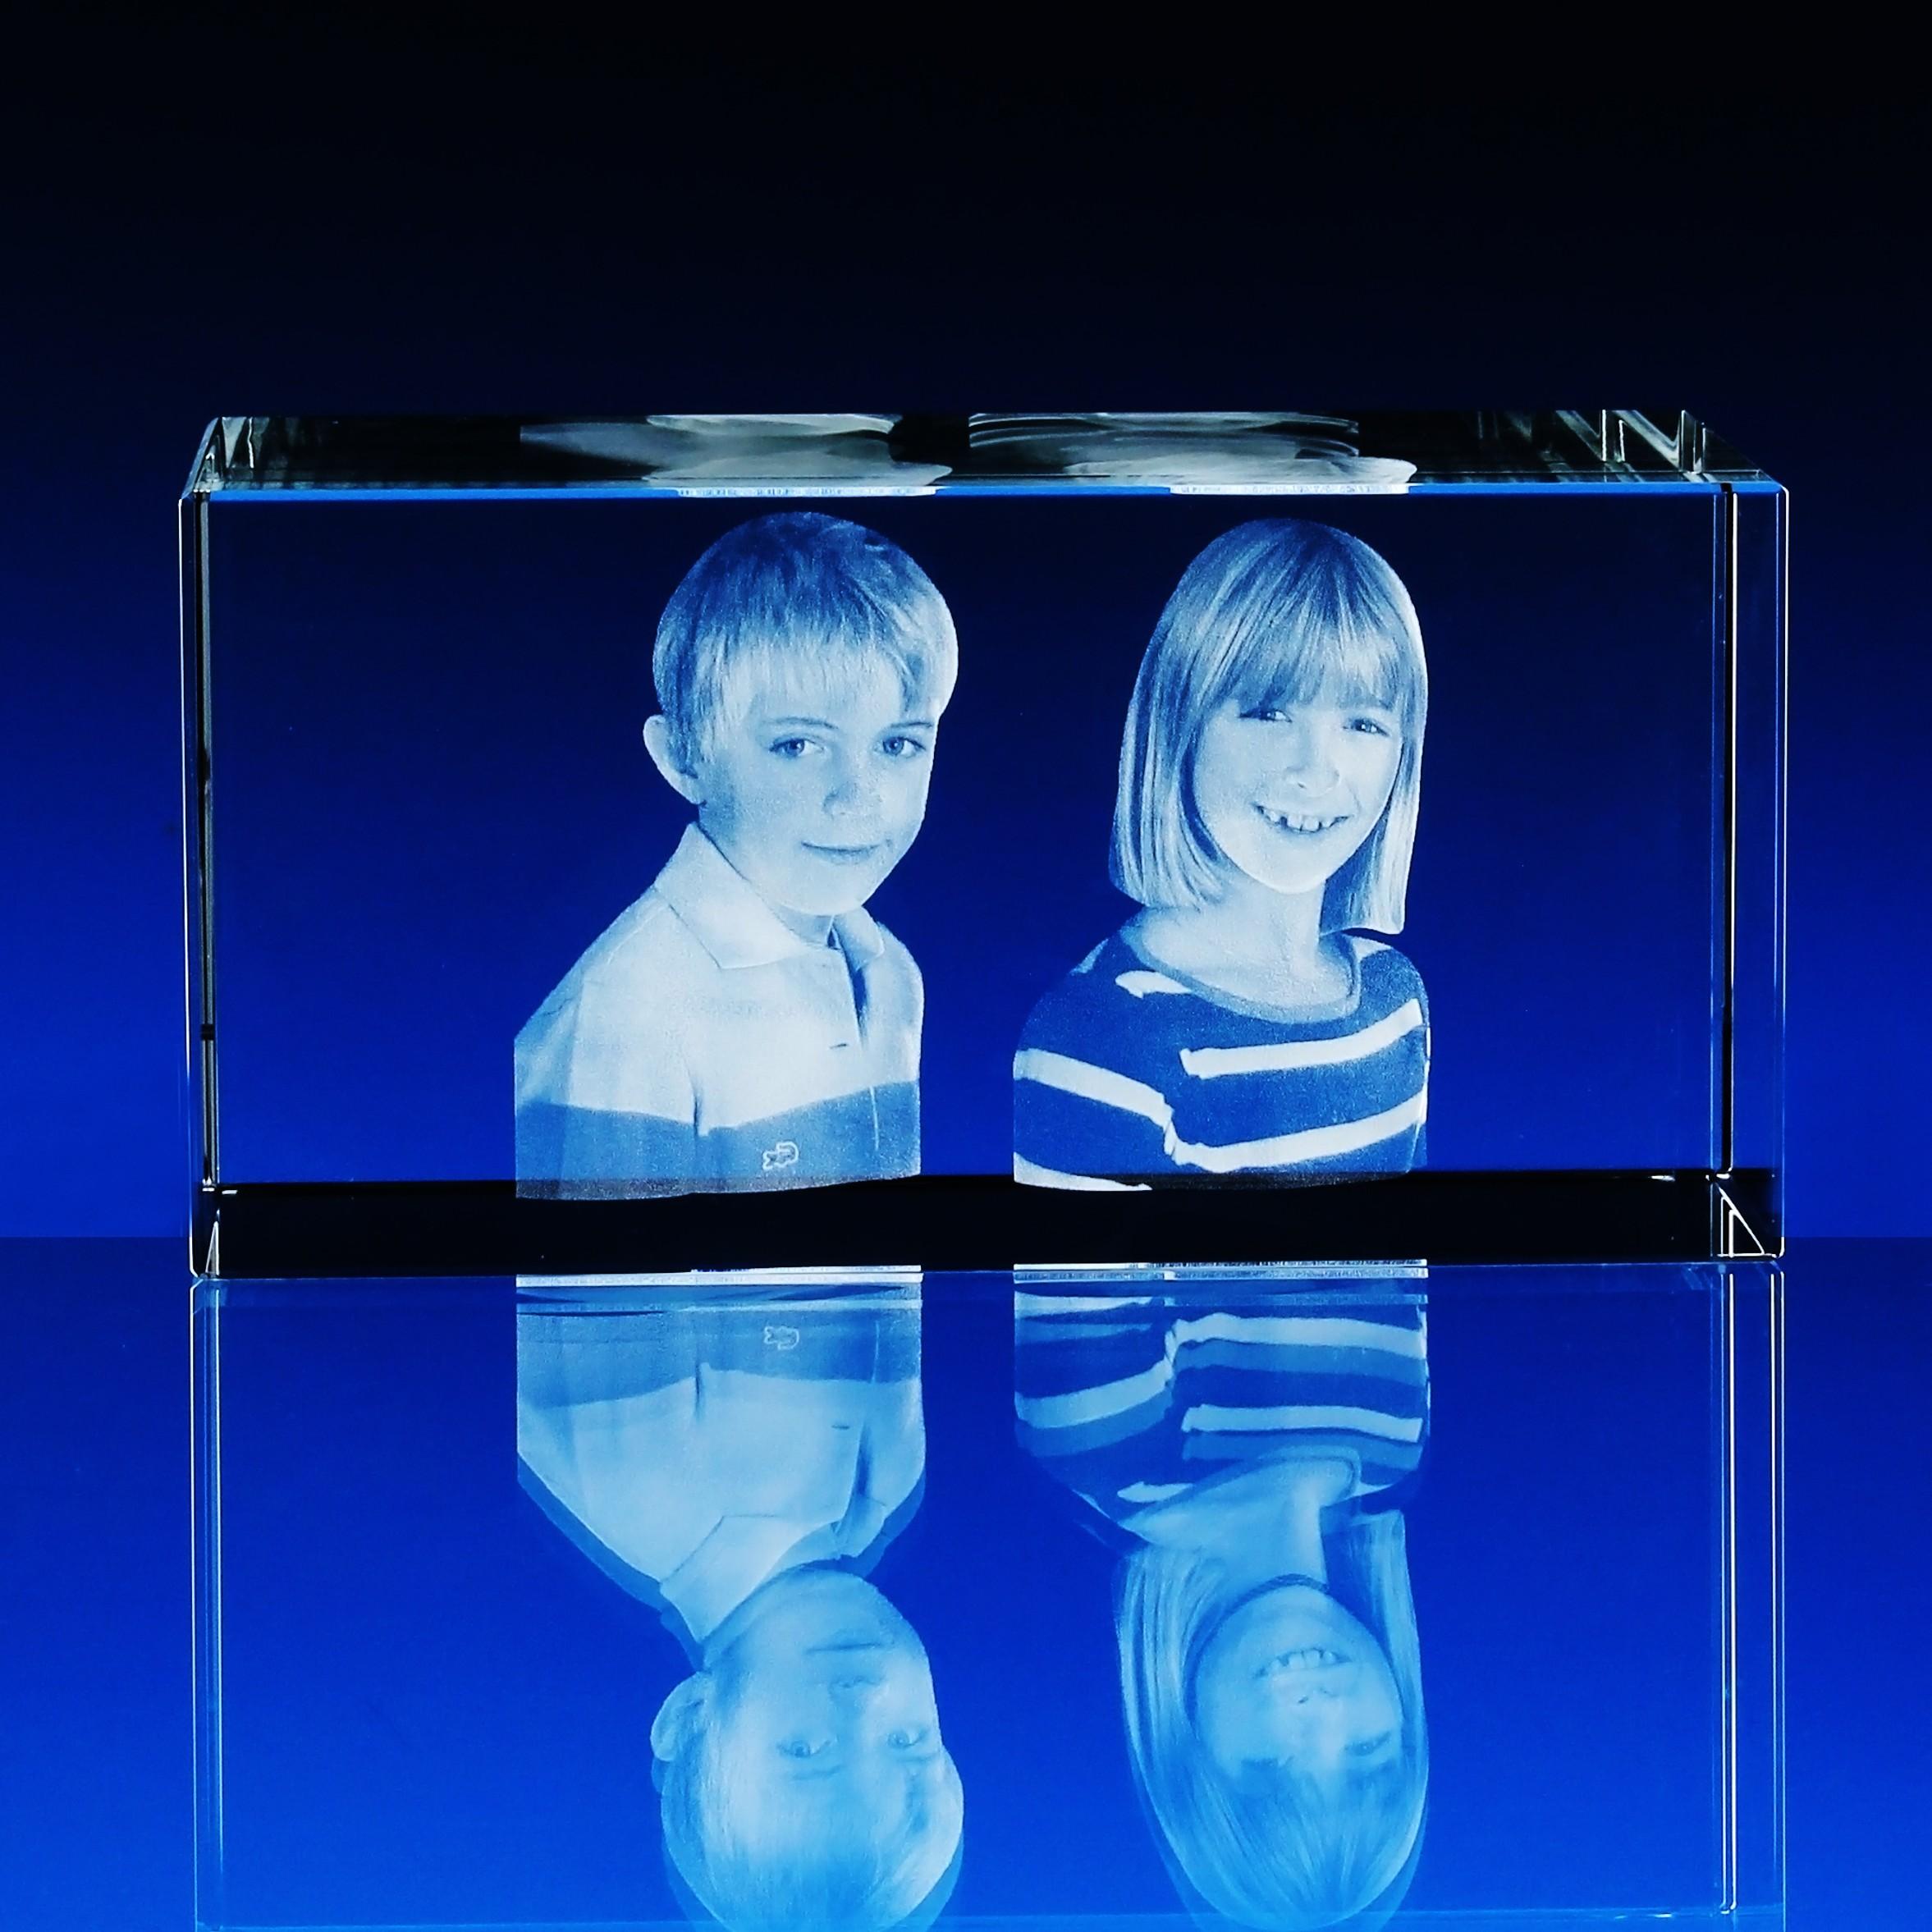 b69fd0349 3D Laserovaná fotografie do skla - Portrét v kvádru 160x60x60 mm (P302d)